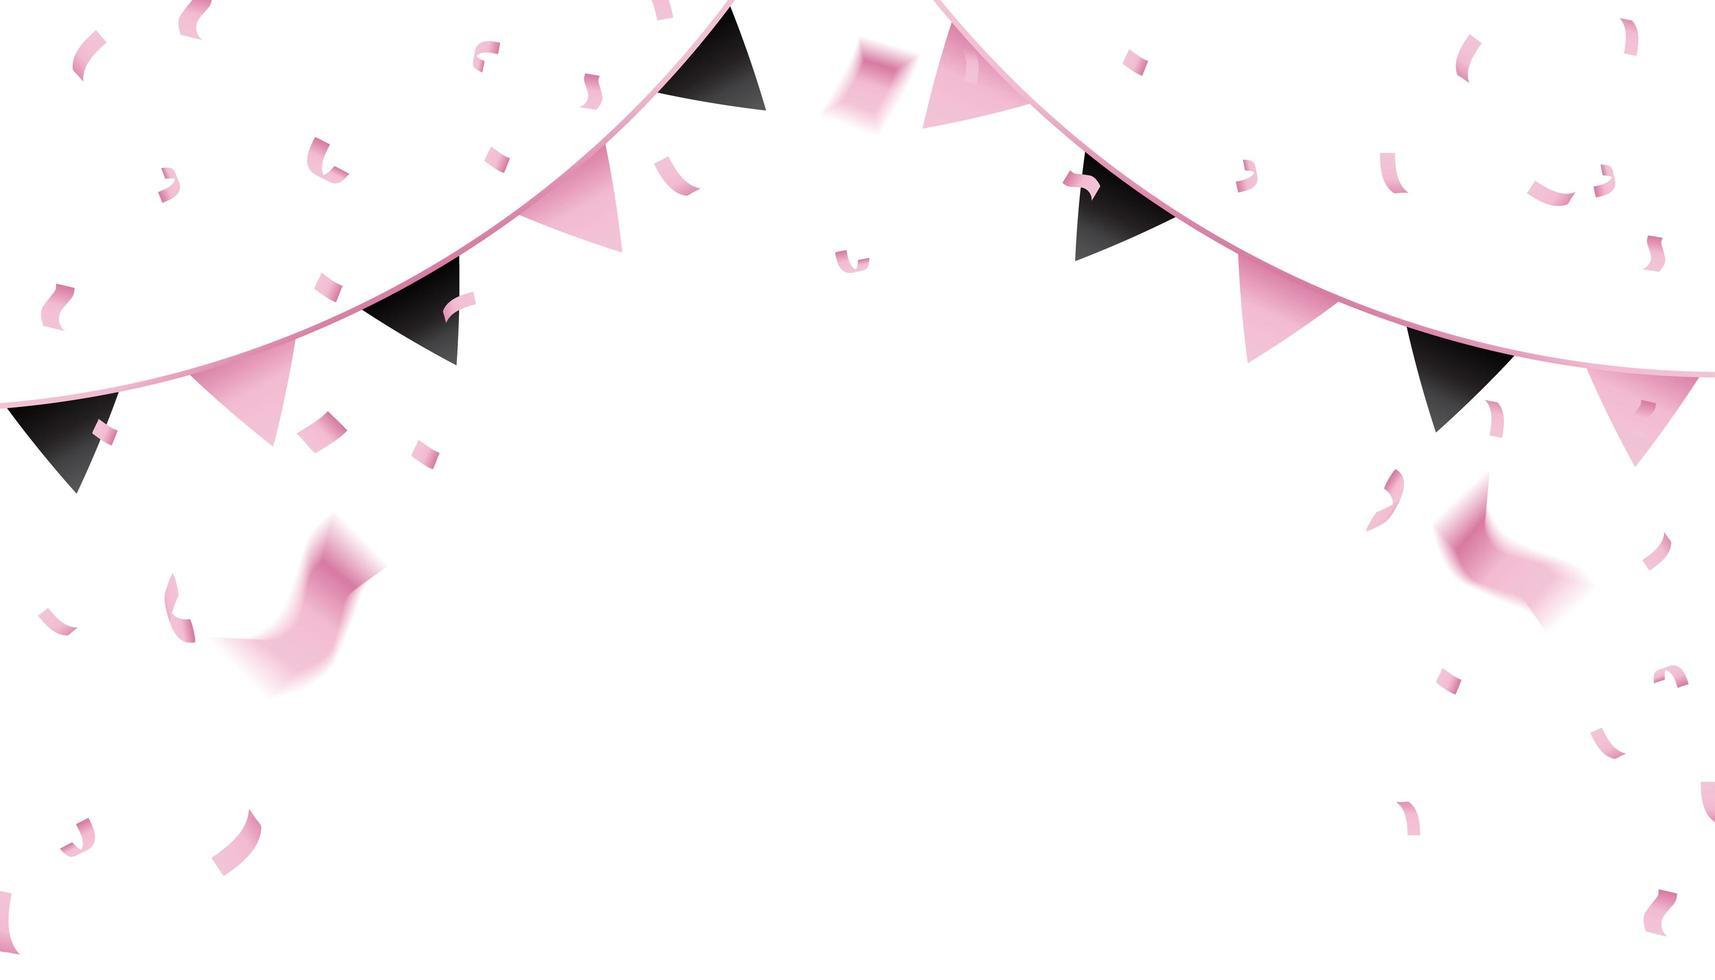 rosa und schwarze Konfetti und Wimpelflaggen vektor